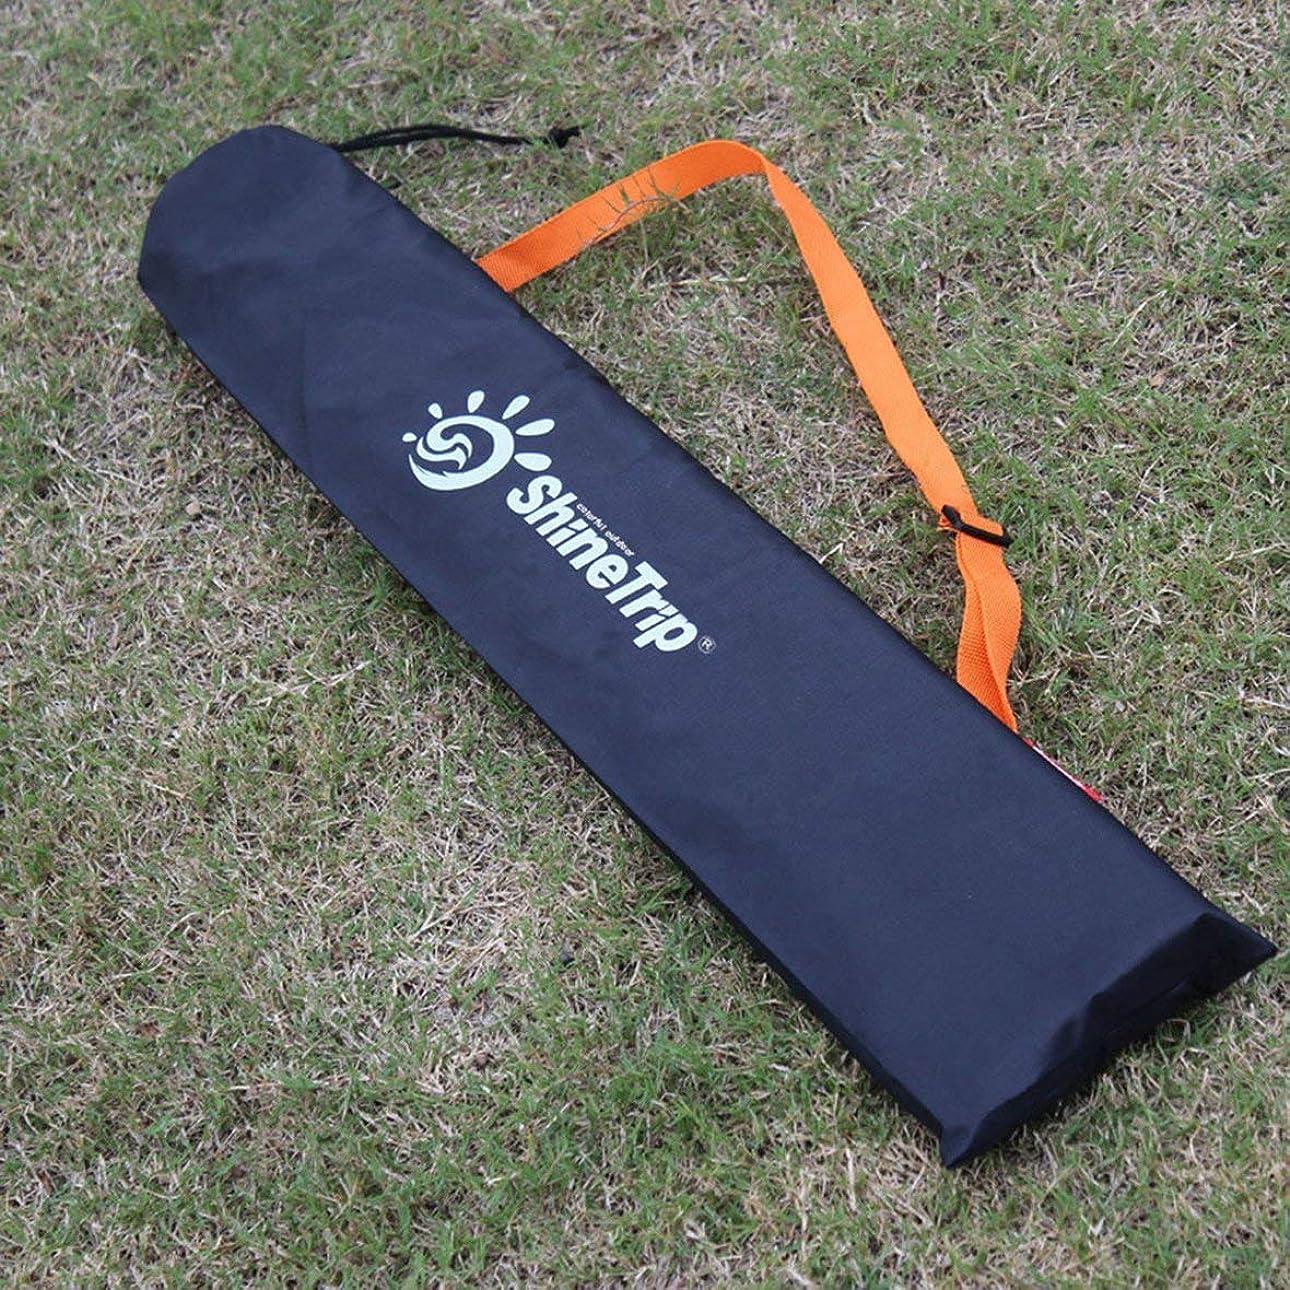 もつれプランテーション水没コンパクトサイズのテントキャノピーキャンプテントサポートポールオーガナイザーポーチバッグブラック収納バッグ屋外テント用品 便利